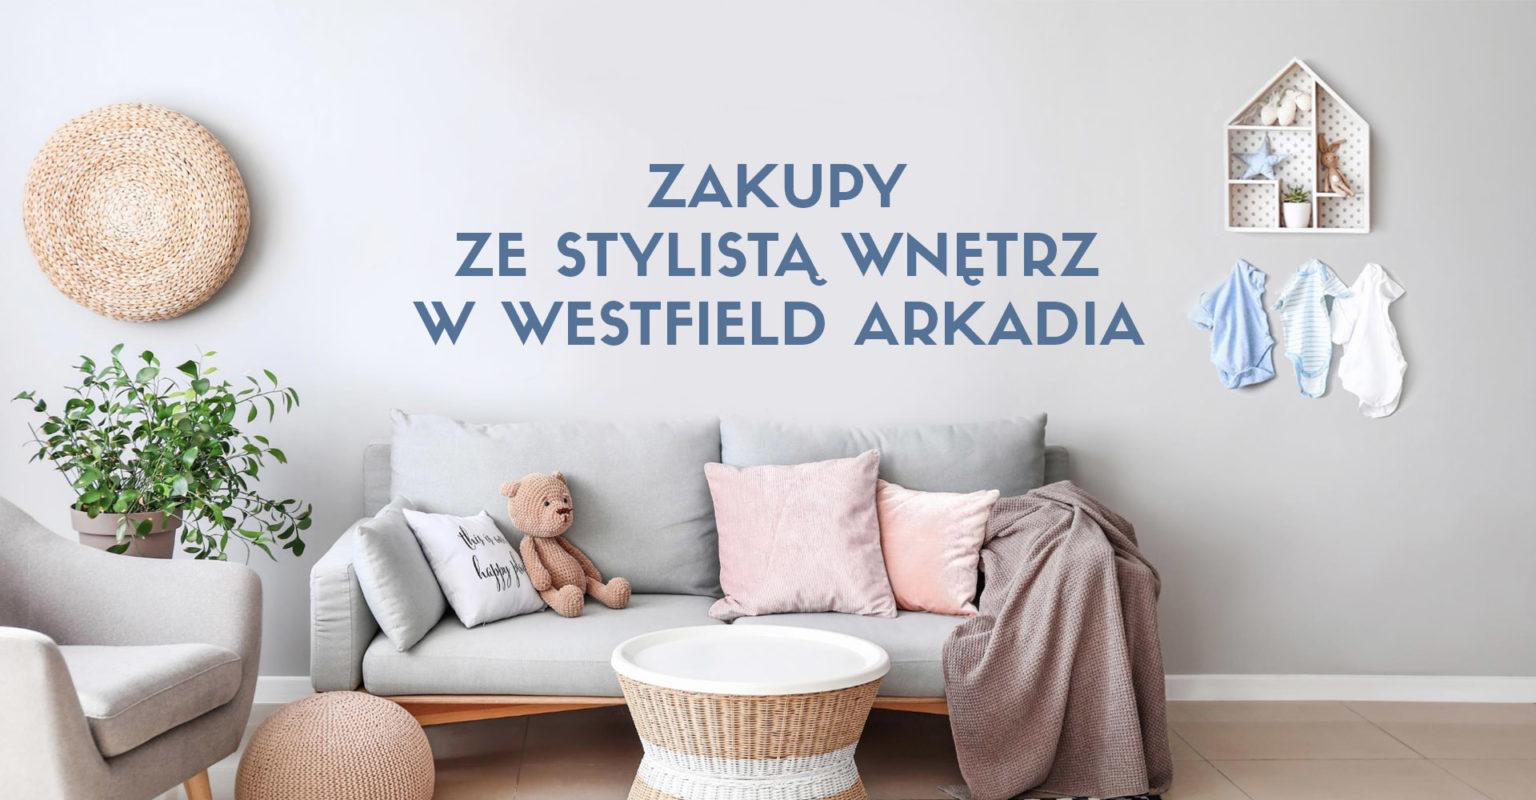 Zakupy ze stylistą wnętrz w Westfield Arkadia.